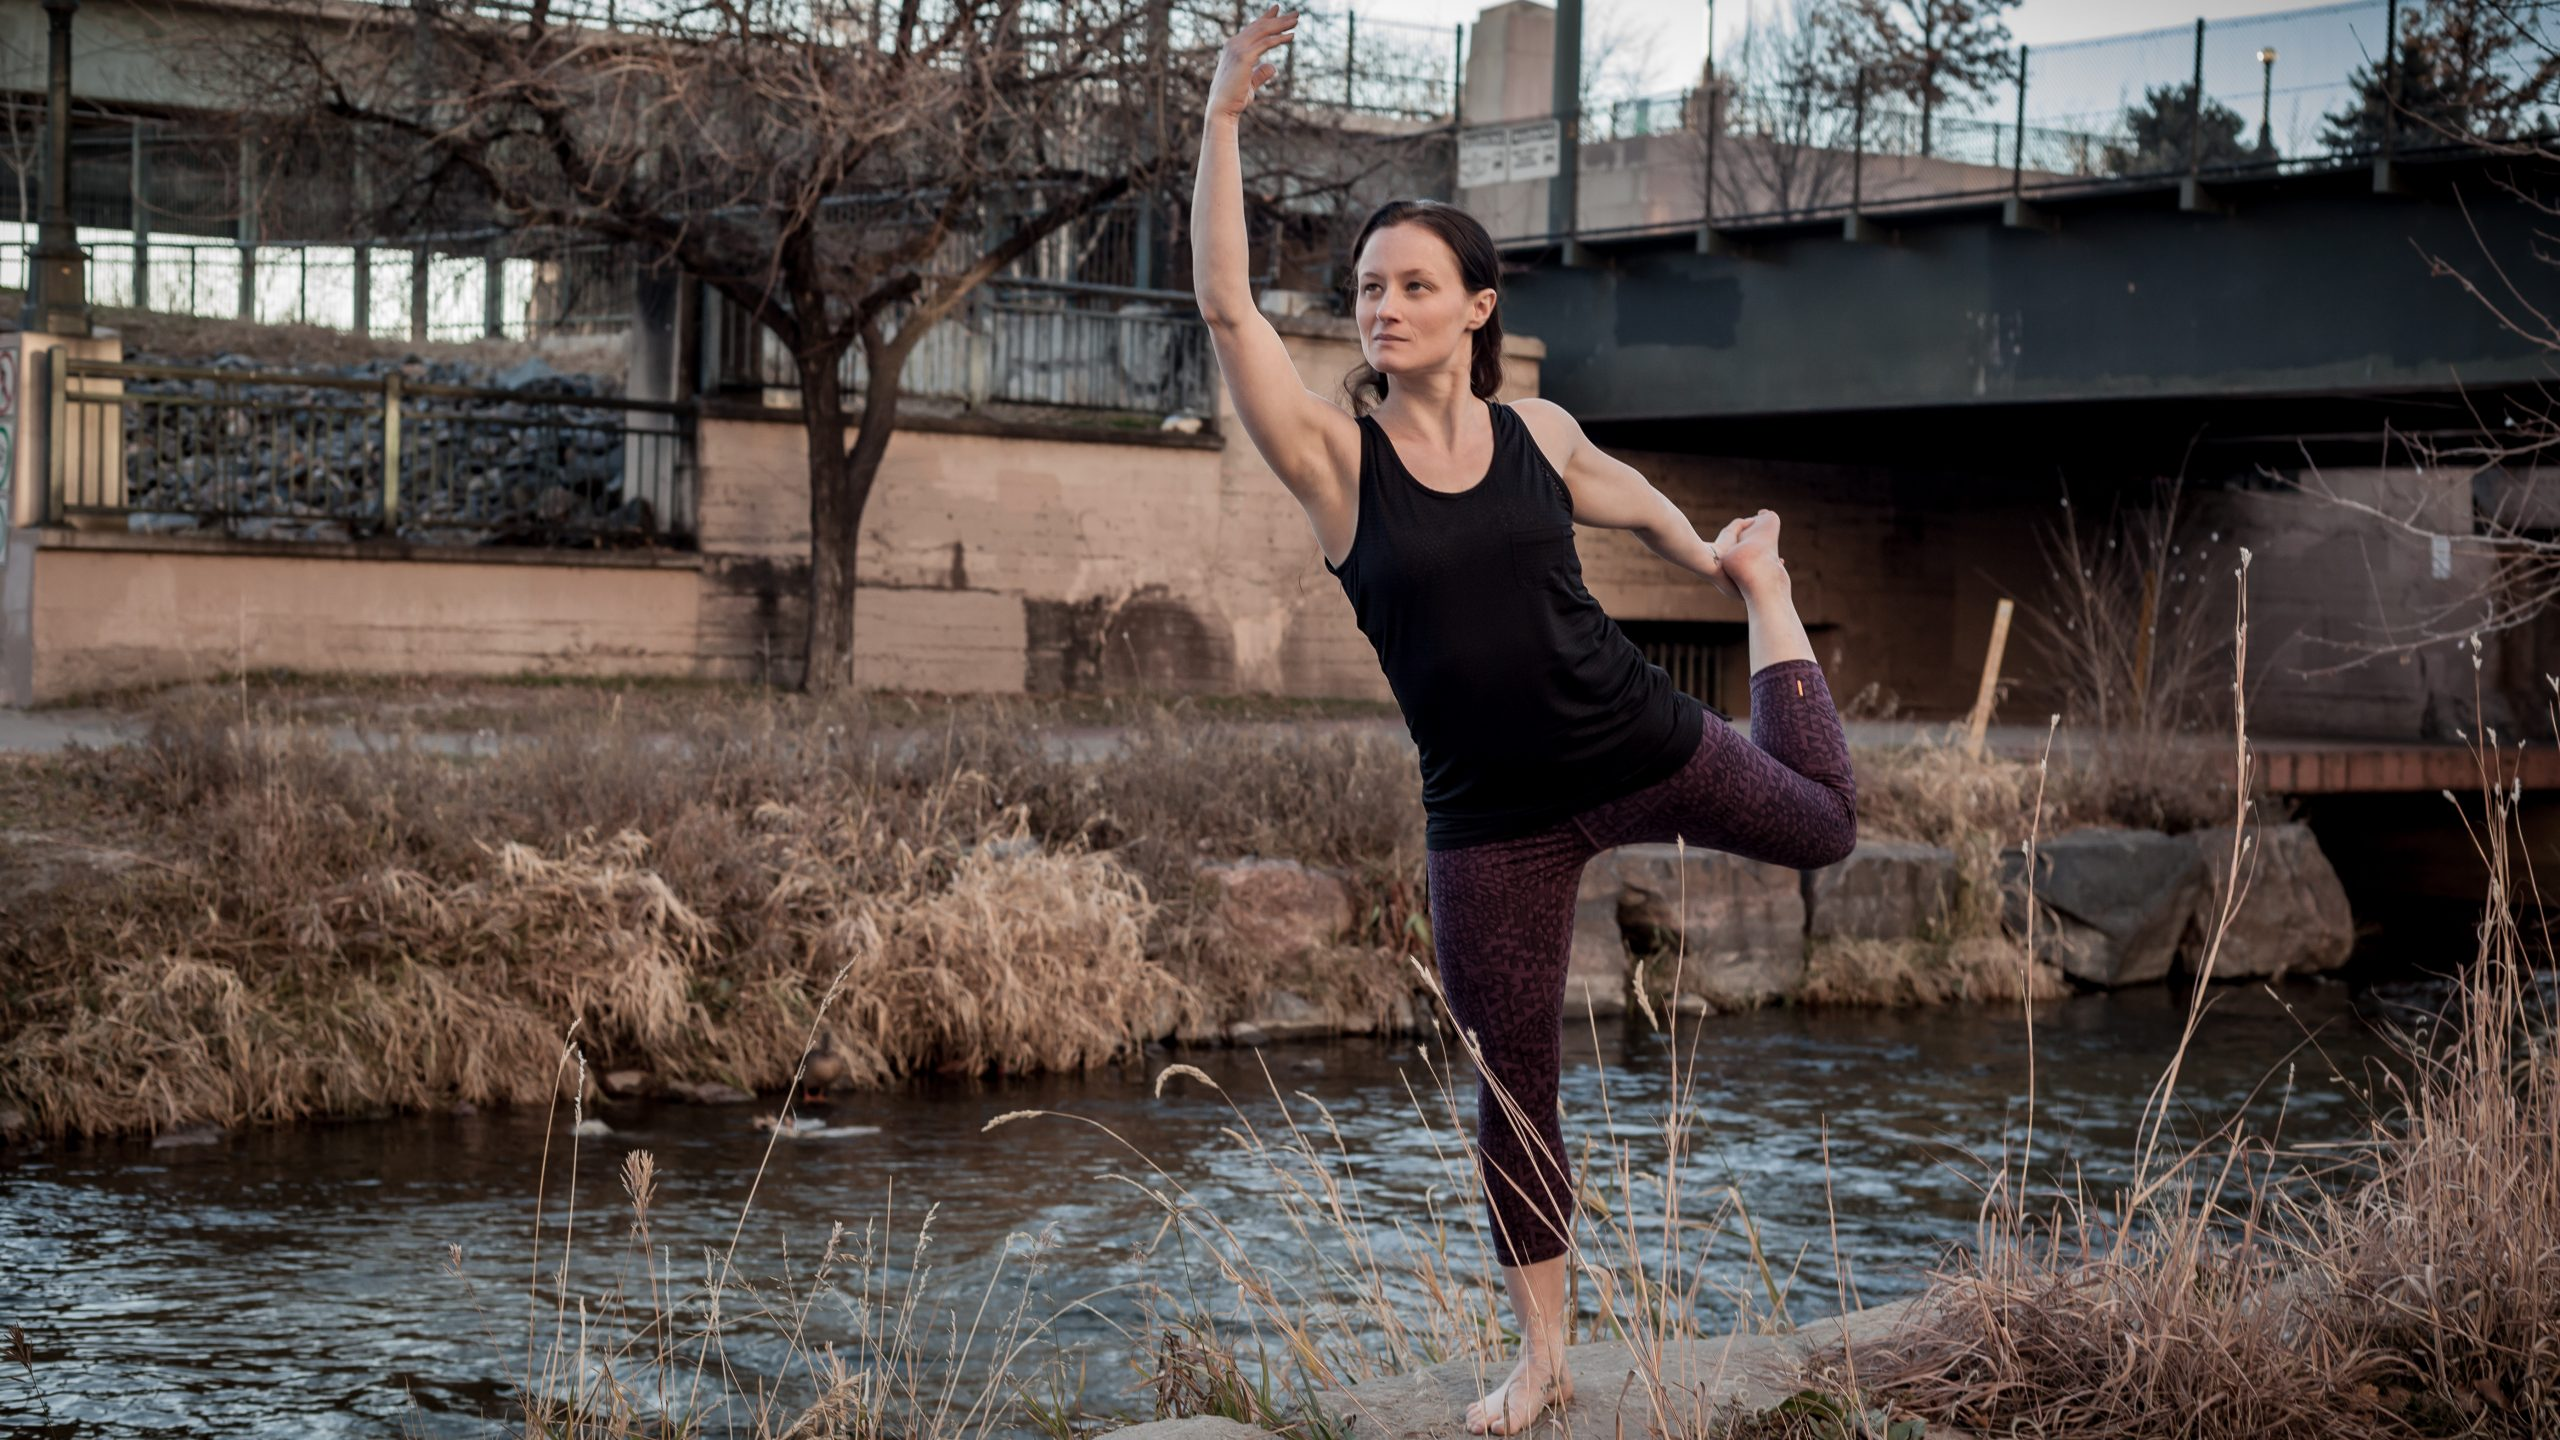 Yoga for Athletes | 8-Week Training Program 2